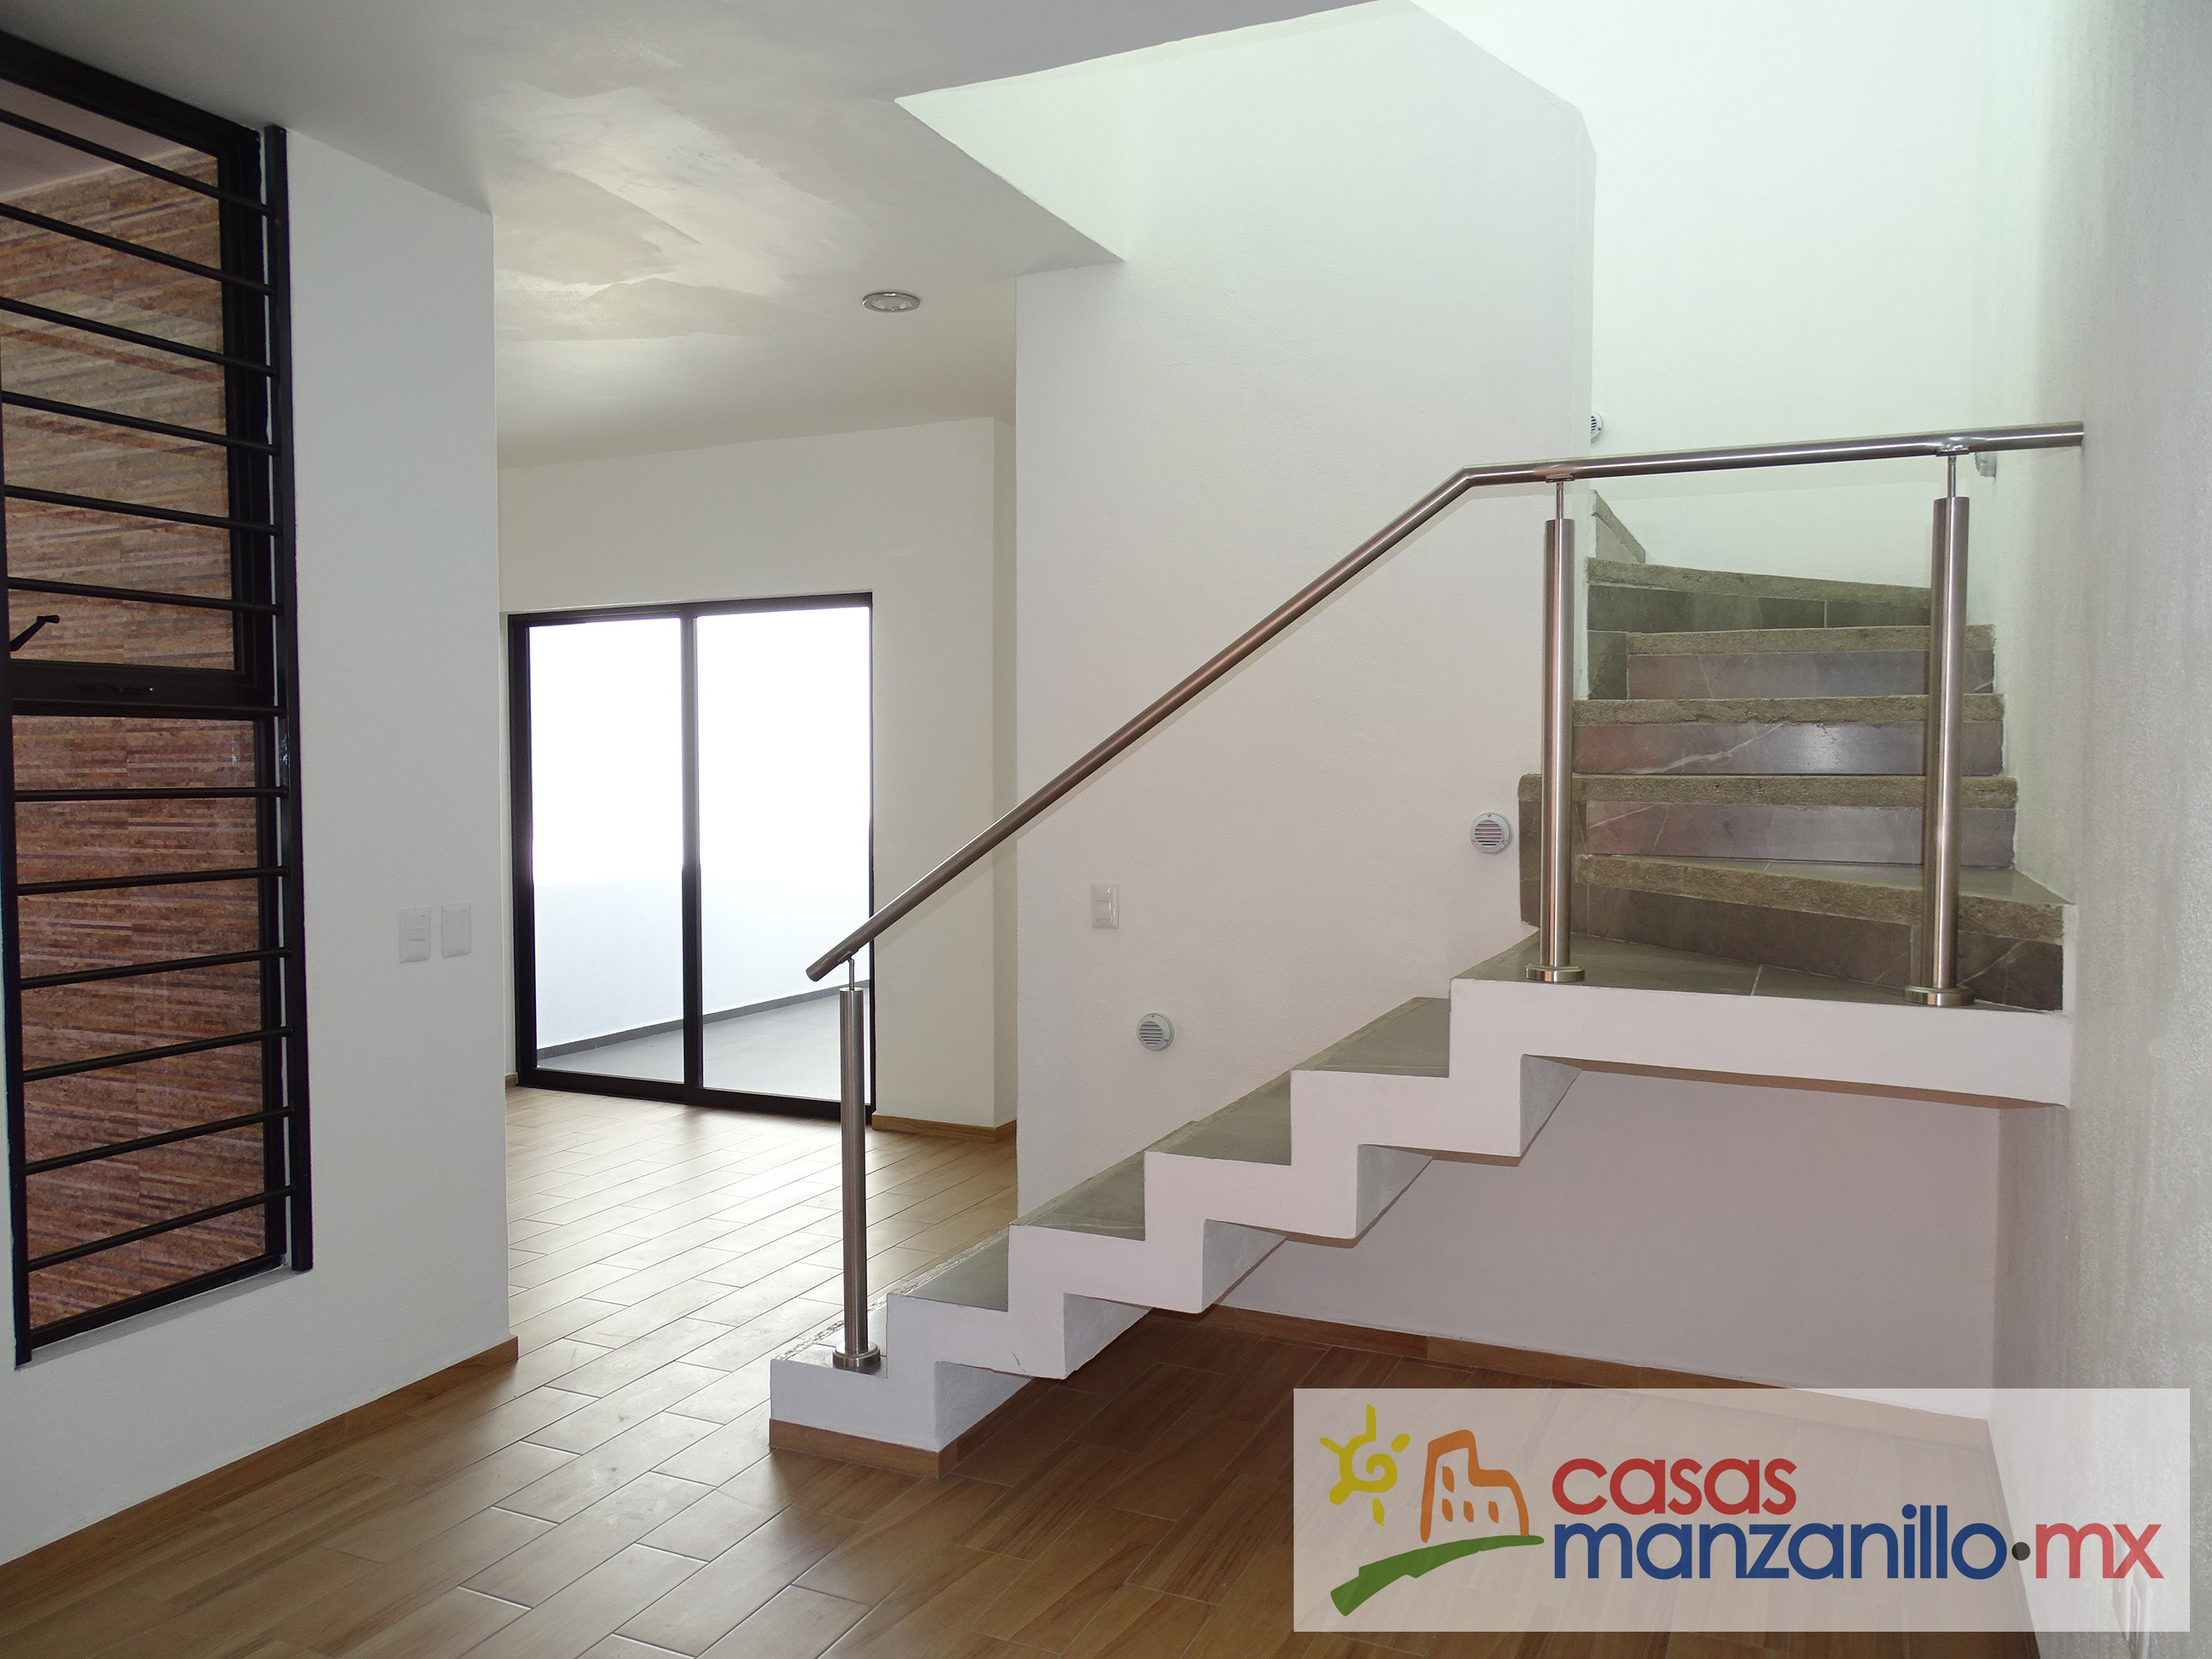 Casas Venta Manzanillo - Salagua (11)